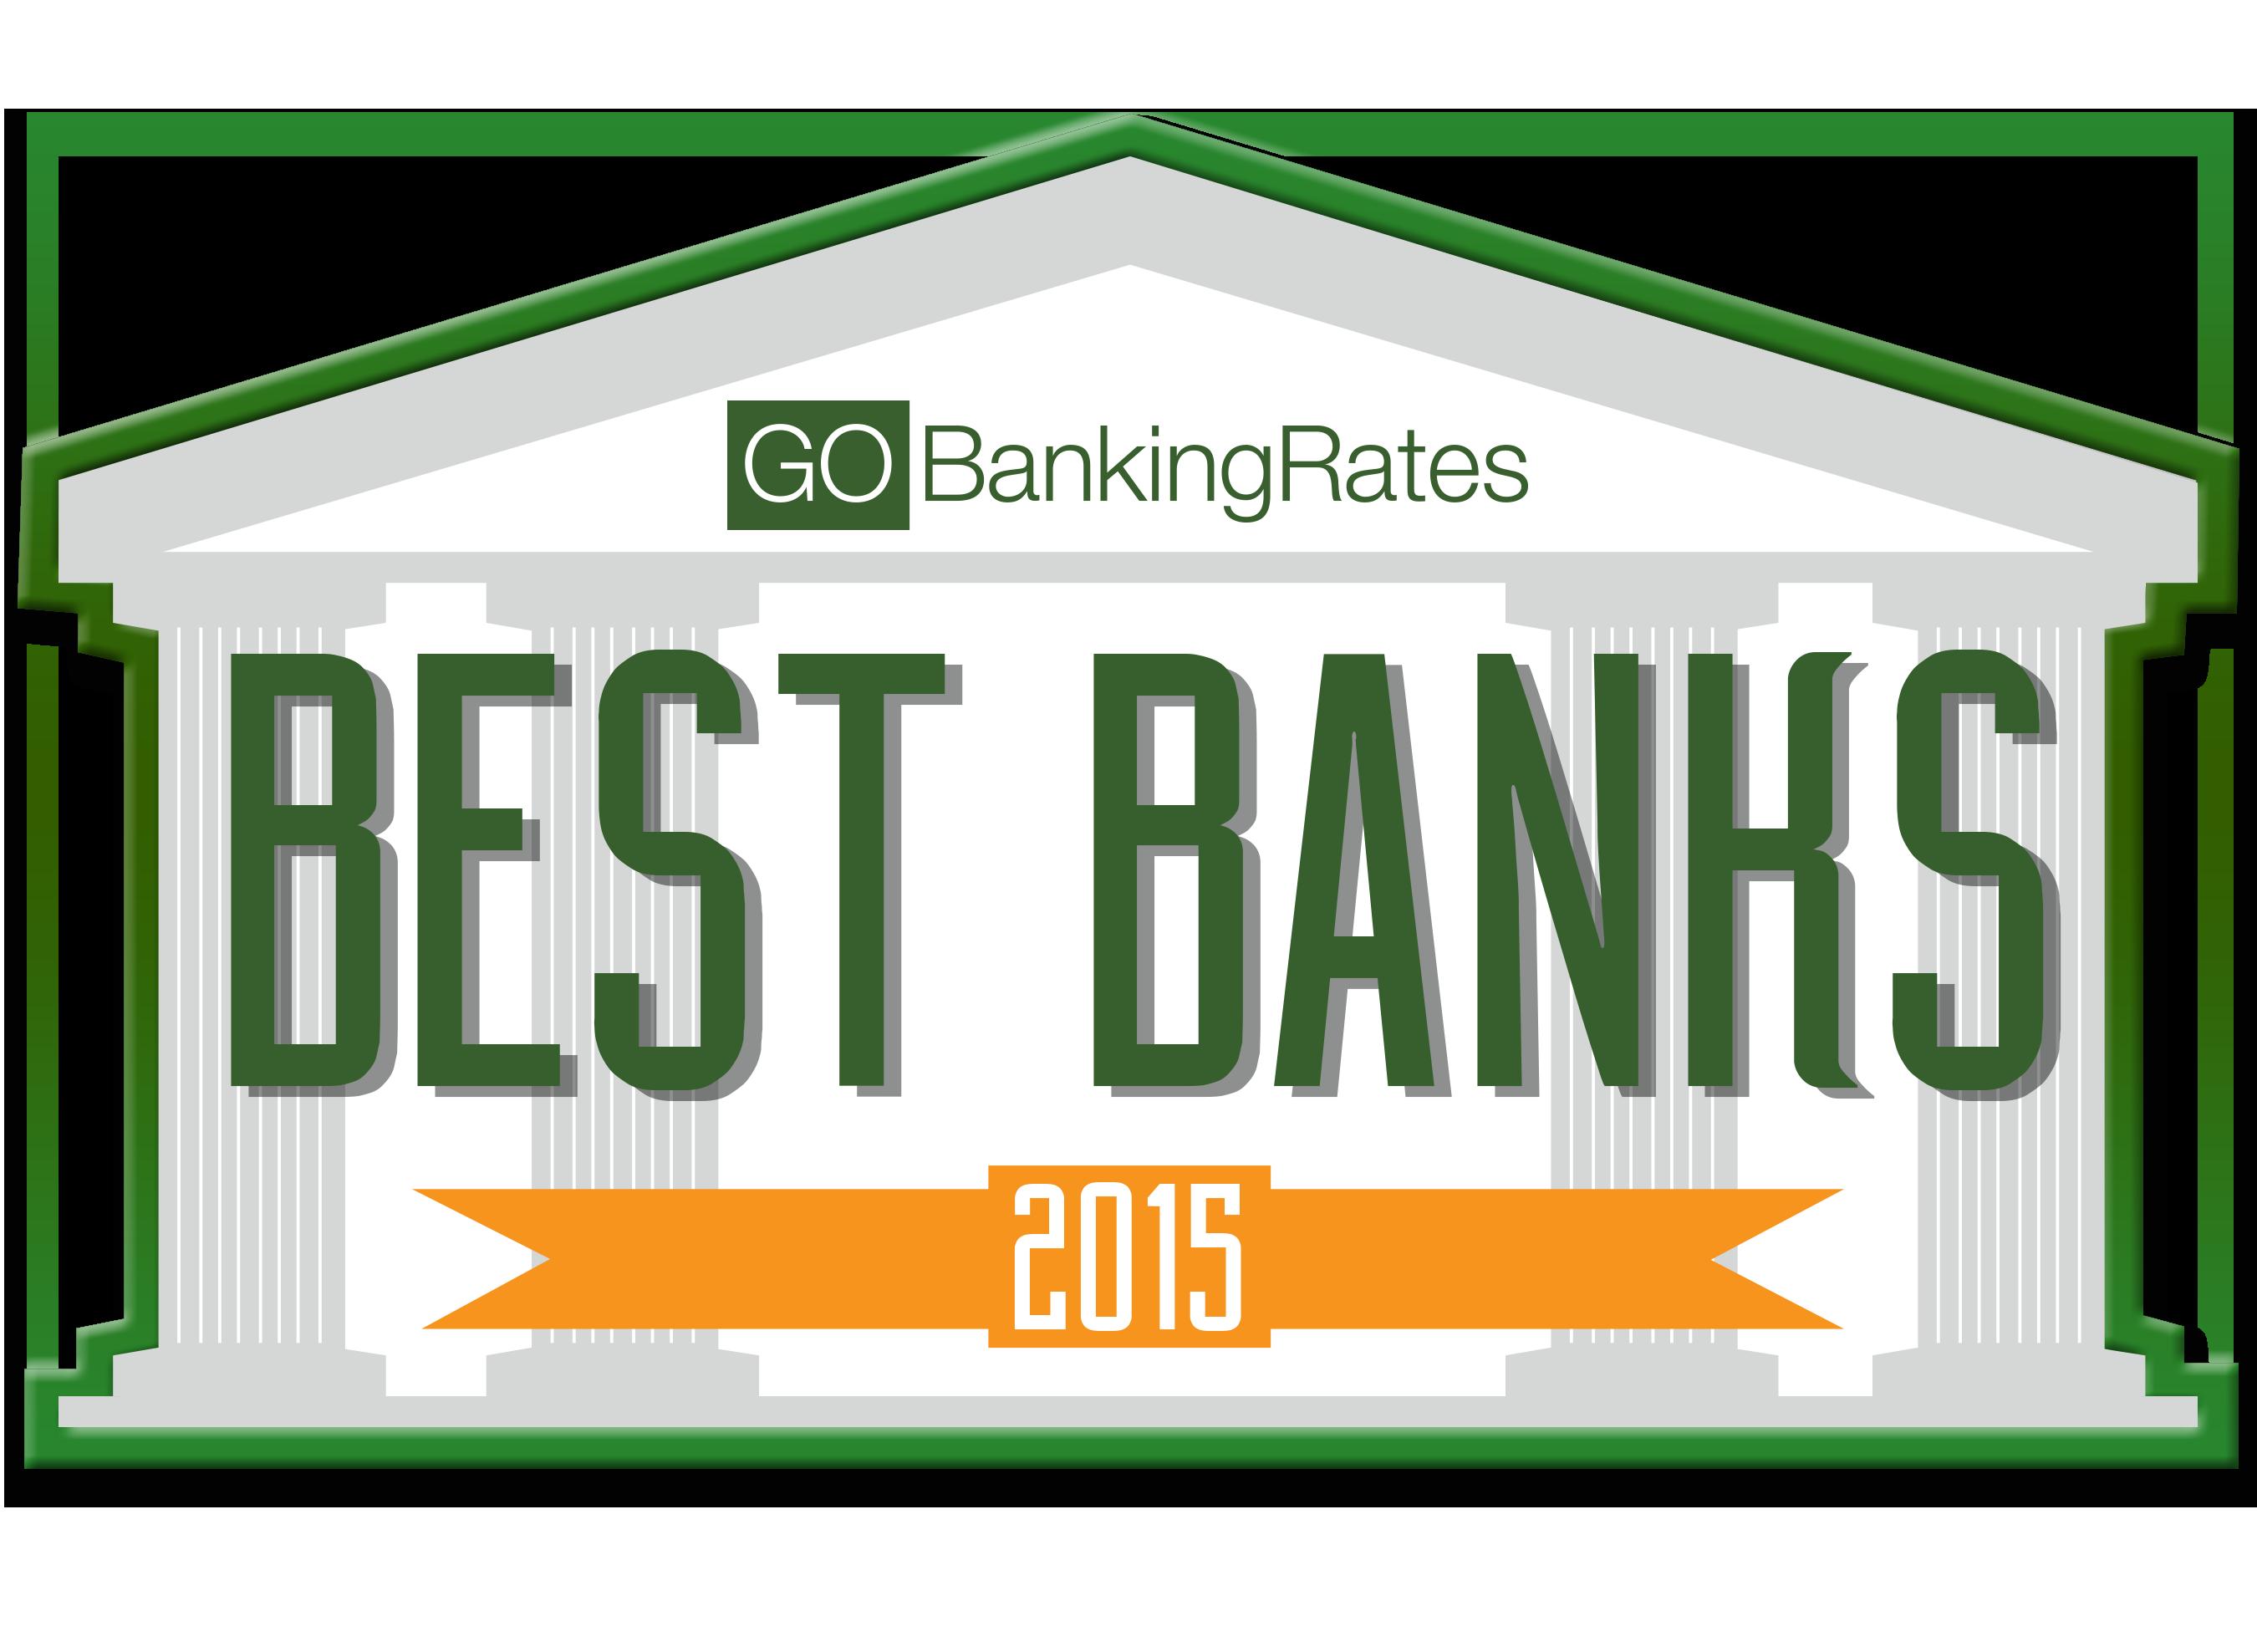 Online Banks Cd Rates Bestbanksv Emblem